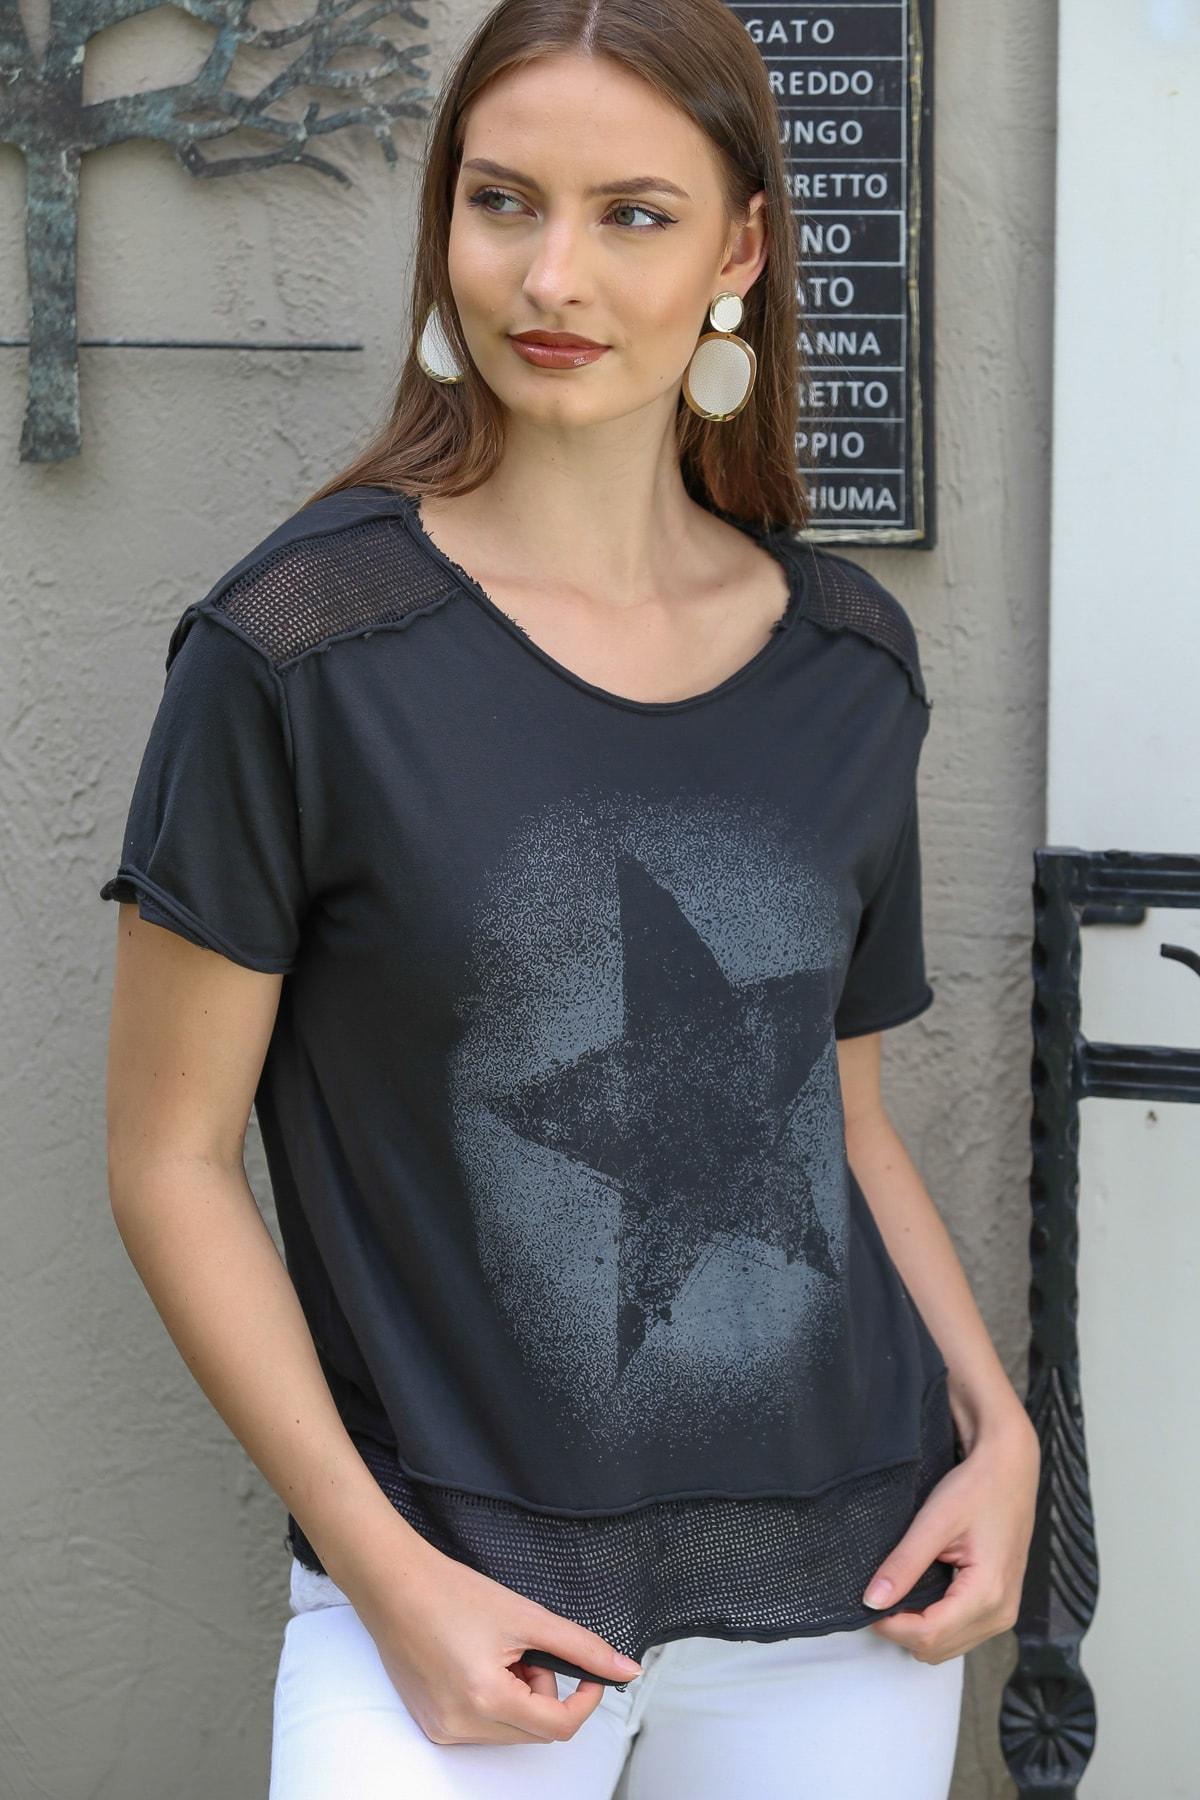 Chiccy Kadın Siyah Sıfır Yaka Omzu Ve Etek File Detaylı Yıldız Baskılı Yıkamalı T-Shirt M10010300TS98209